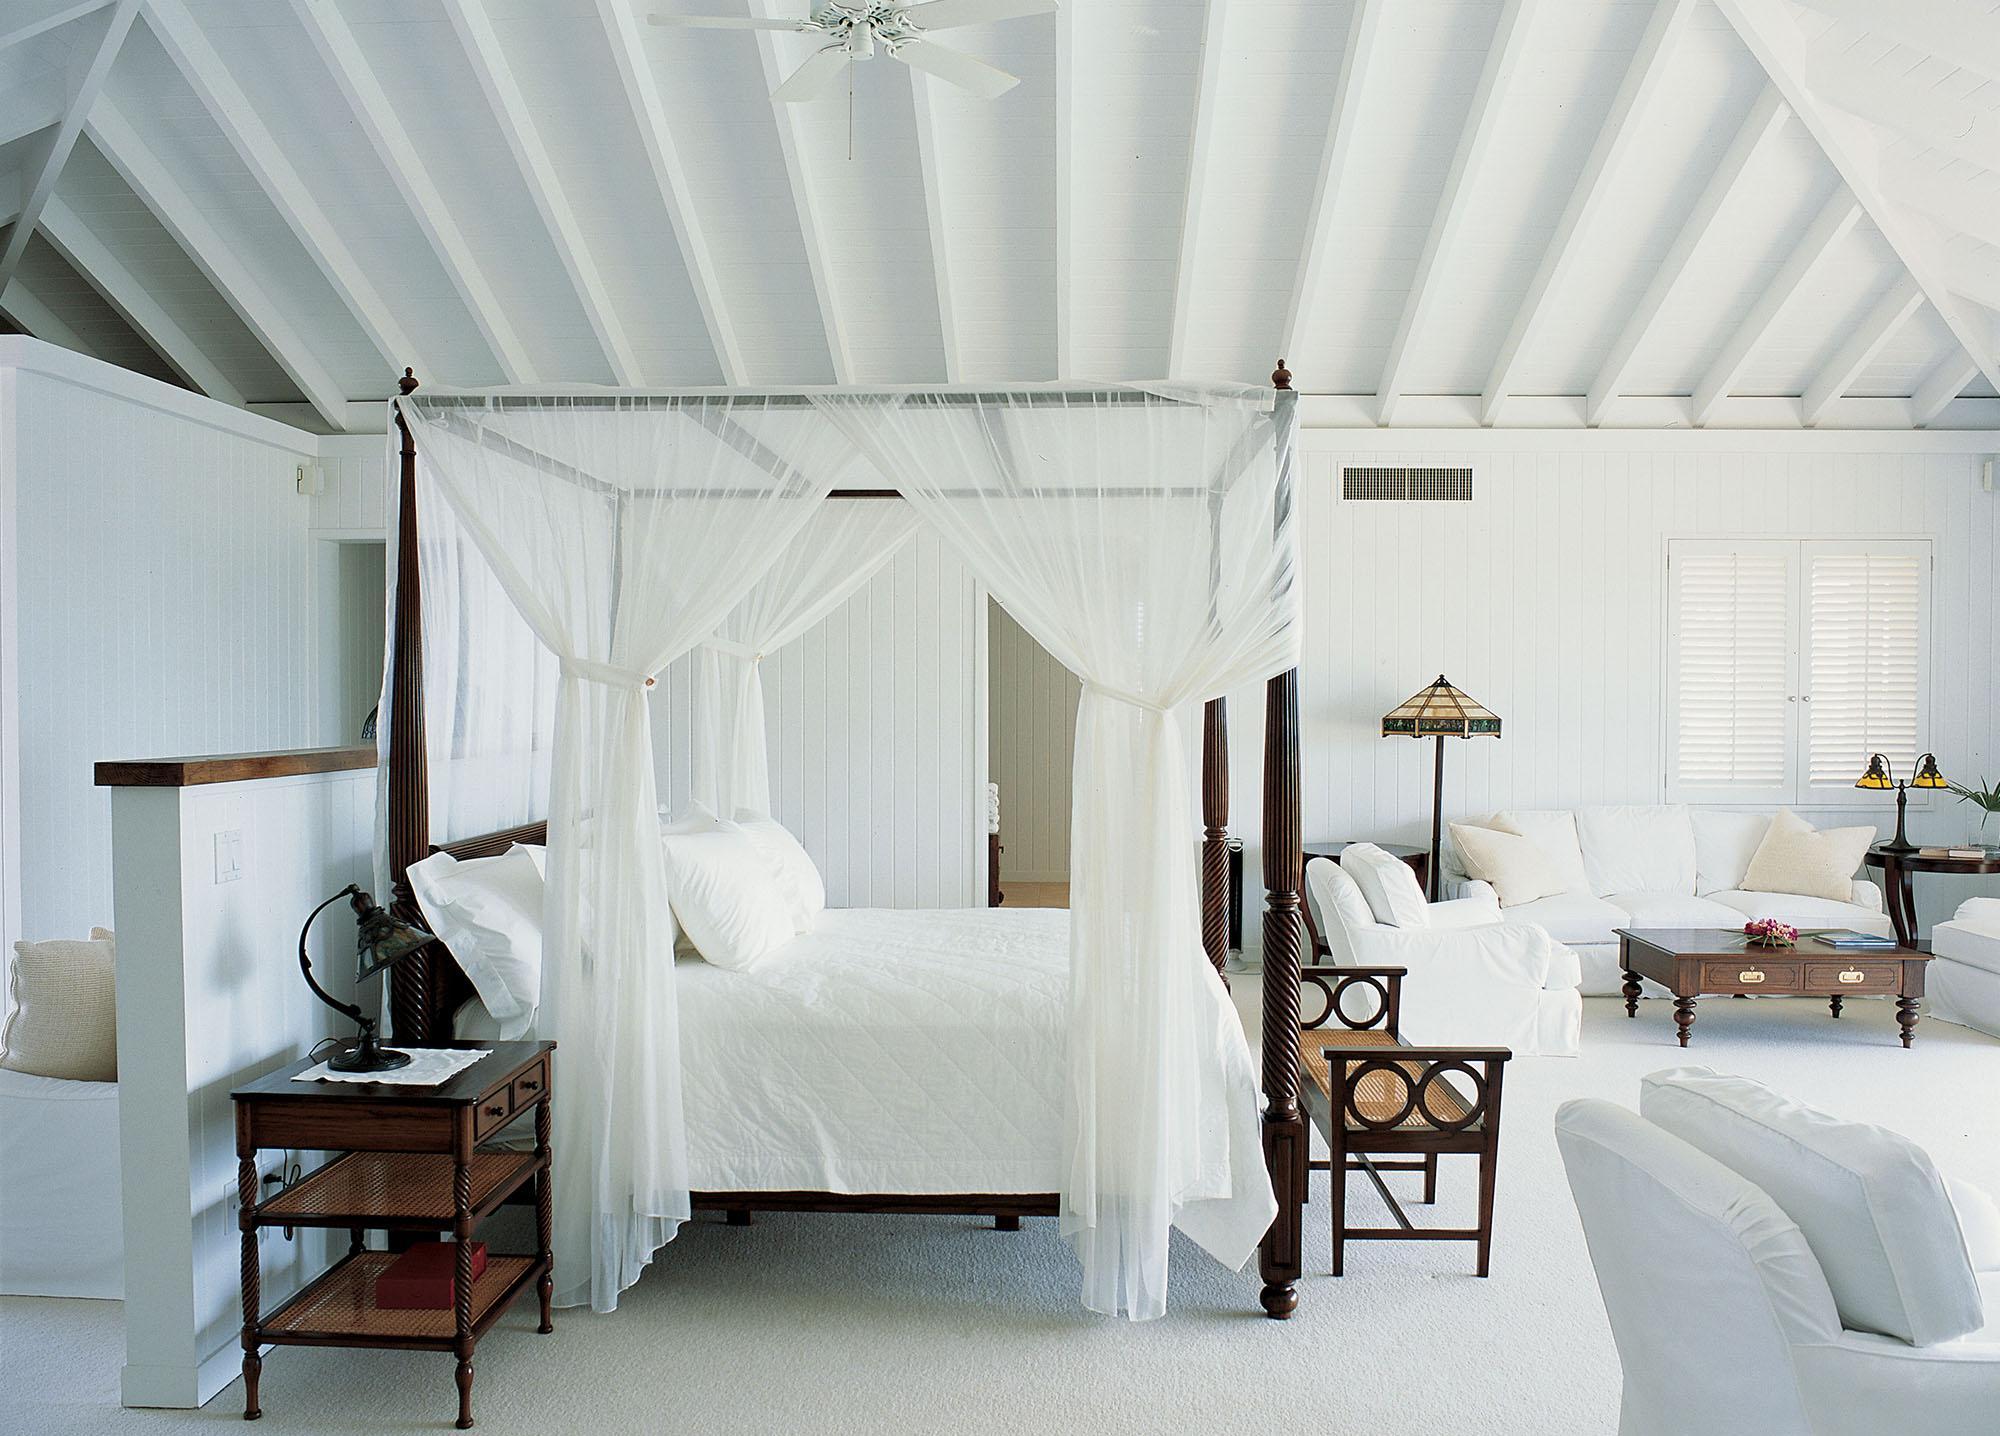 Легкий прозрачный балдахин с завязками на раме кровати